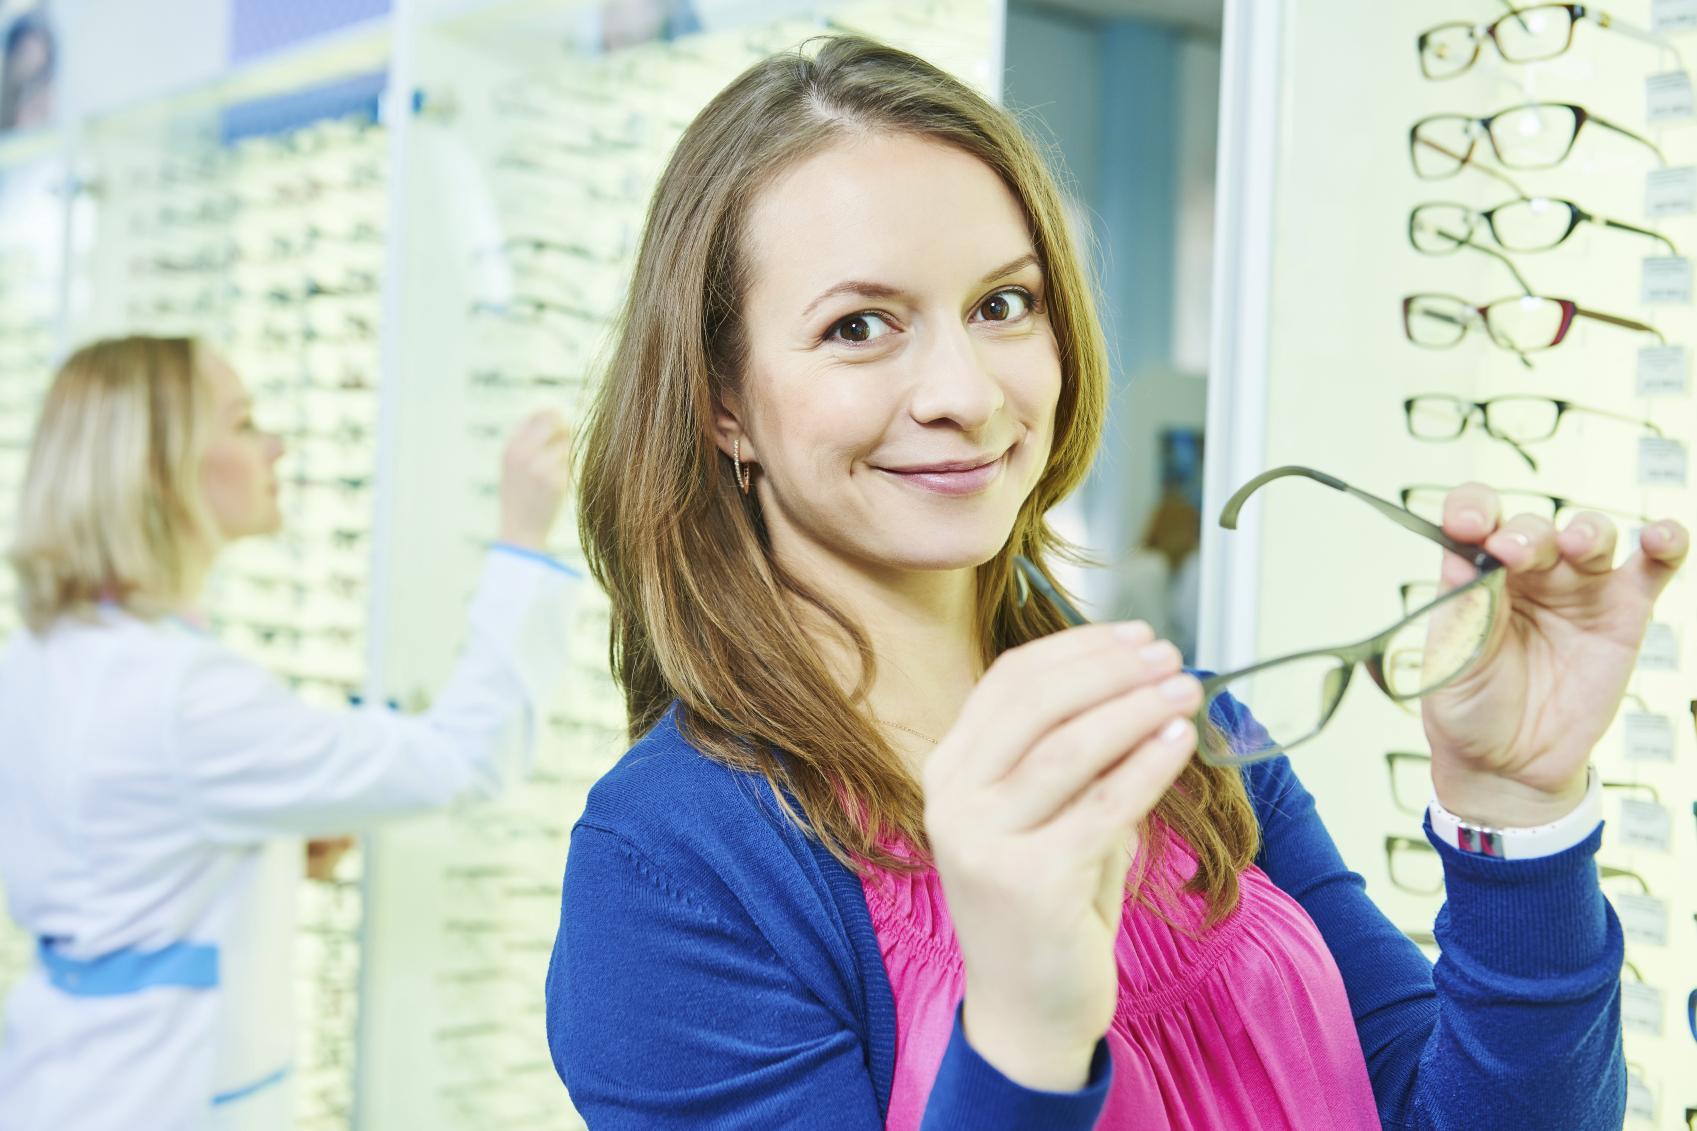 62db24ca29 Consecuencias estéticas del uso de gafas | Blog de Clínica Baviera